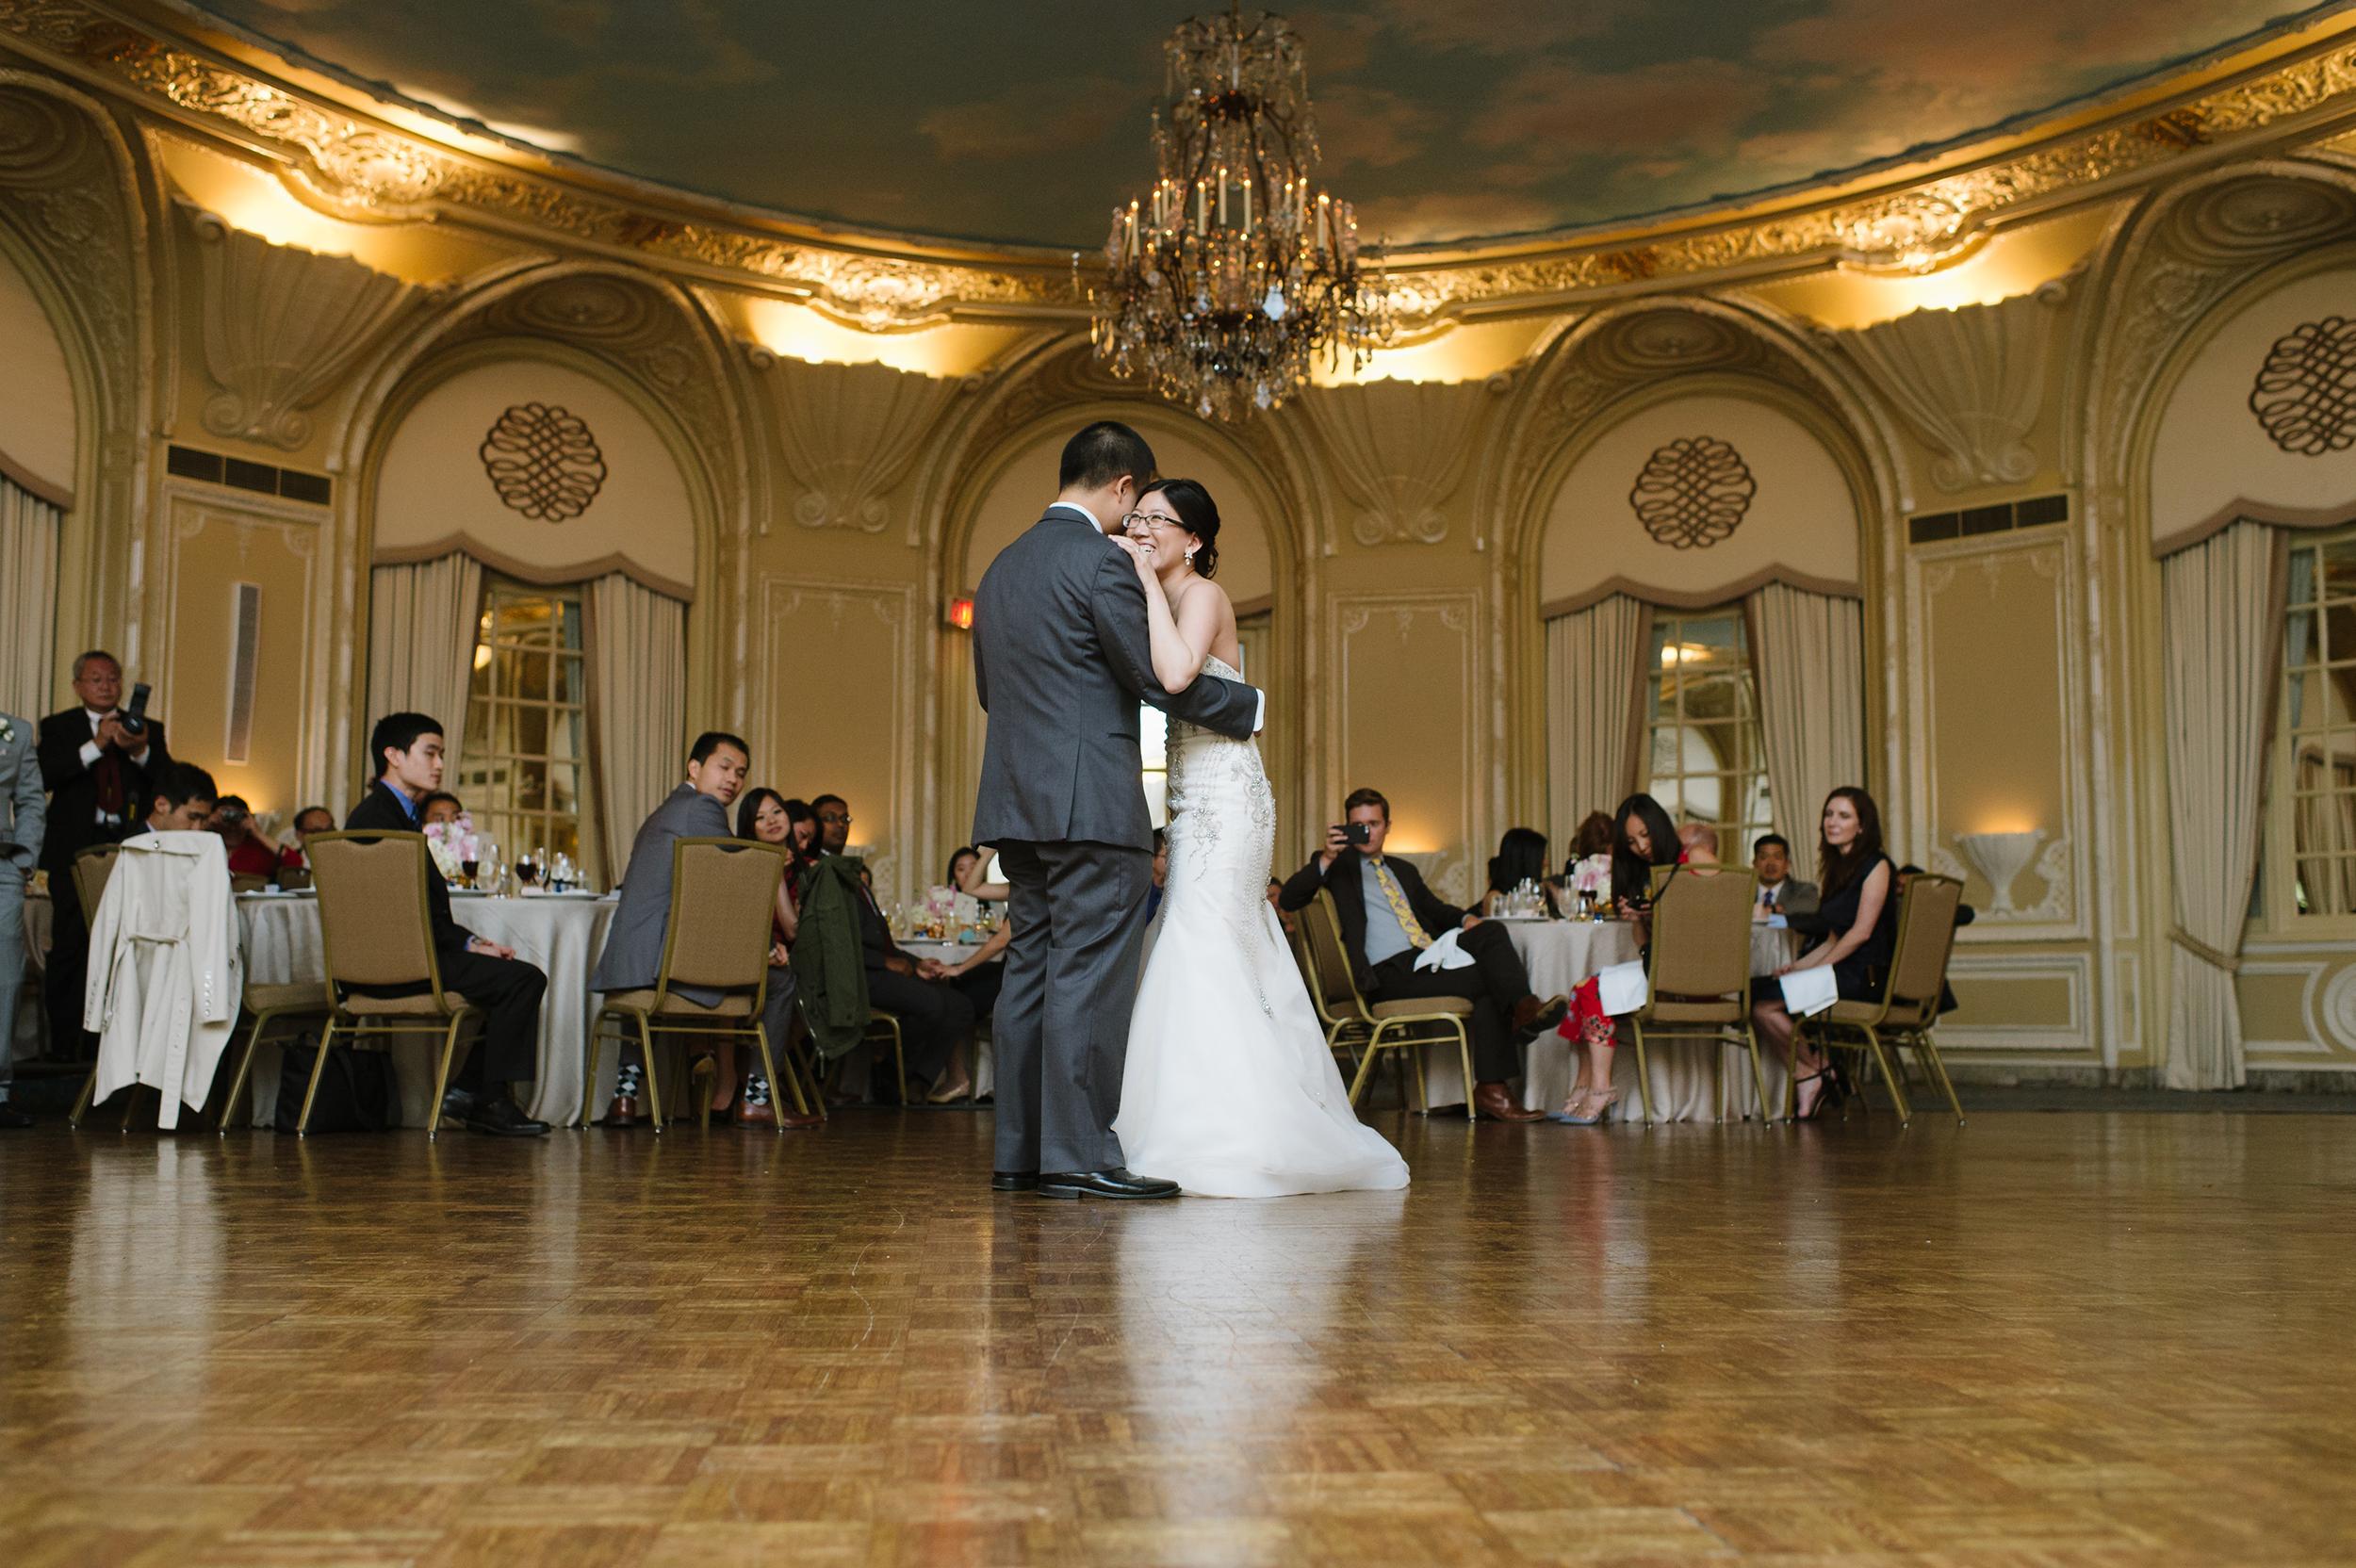 JOSEPHINE + KEVIN FAIRMONT PLAZA WEDDING, BOSTON